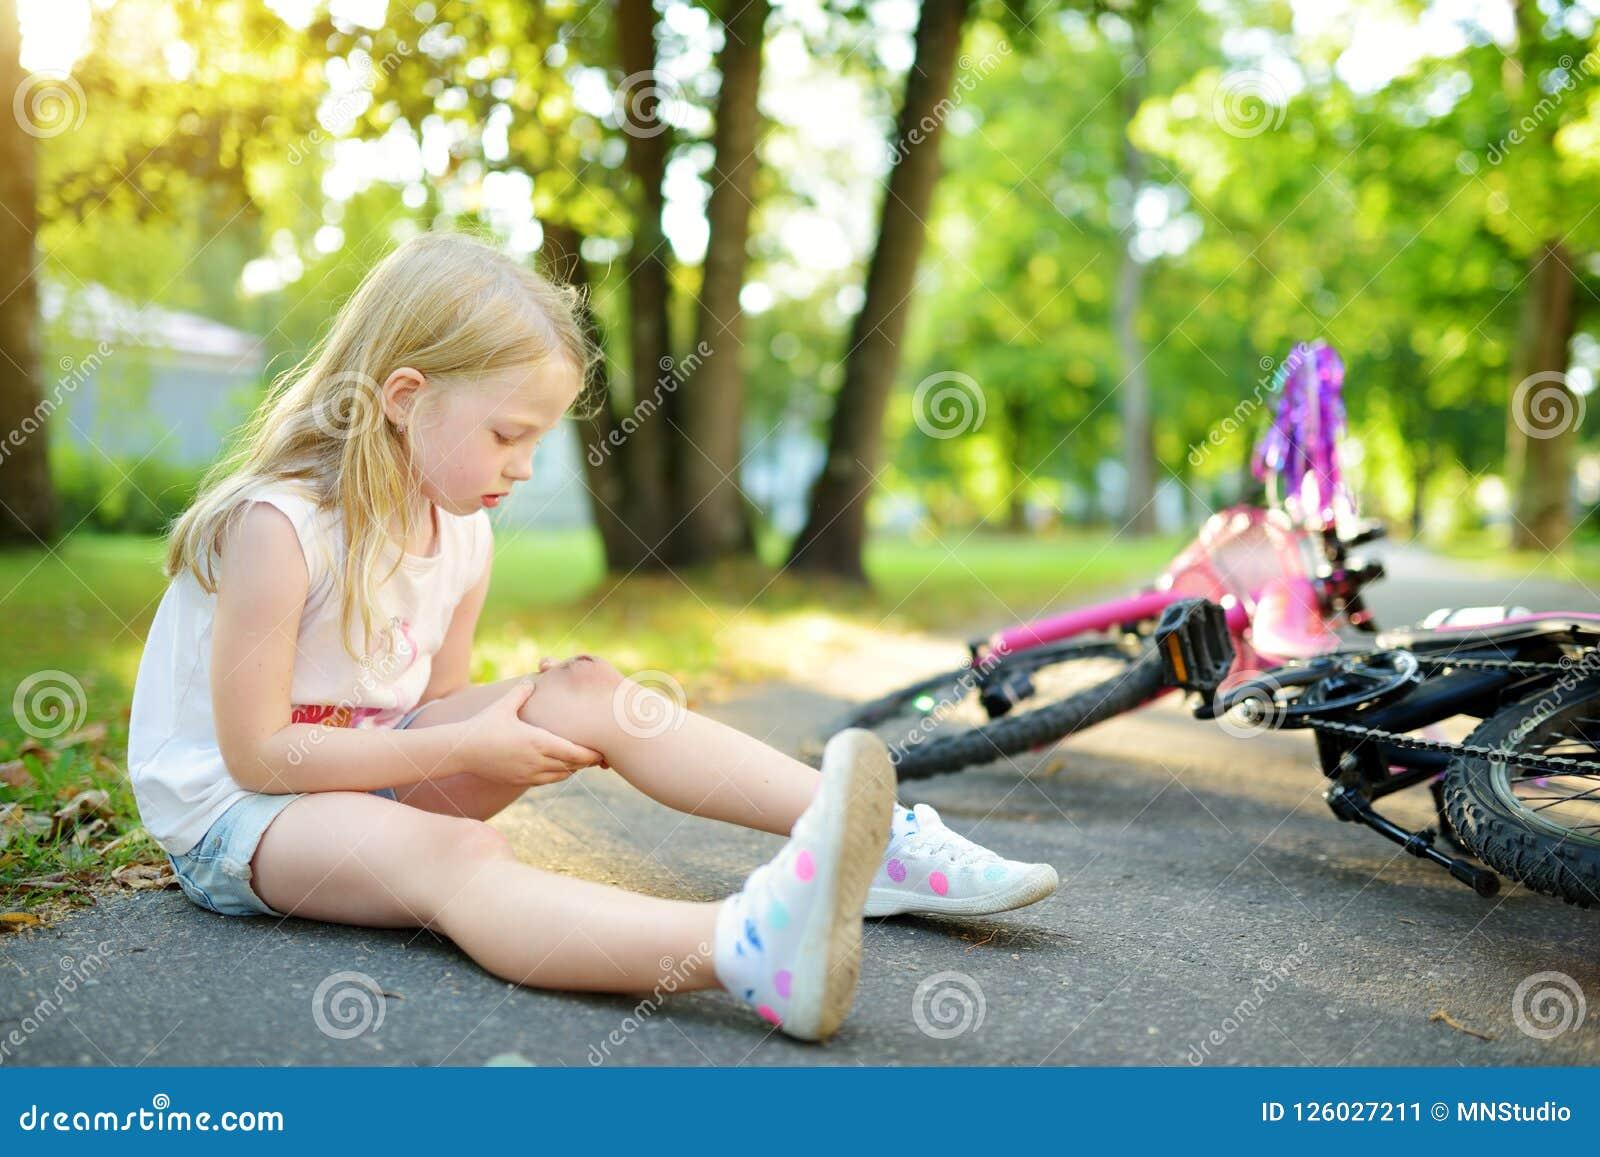 Χαριτωμένη συνεδρίαση μικρών κοριτσιών στο έδαφος μετά από να πέσει από το ποδήλατό της στο θερινό πάρκο Παιδί που παίρνει βλαμμέ